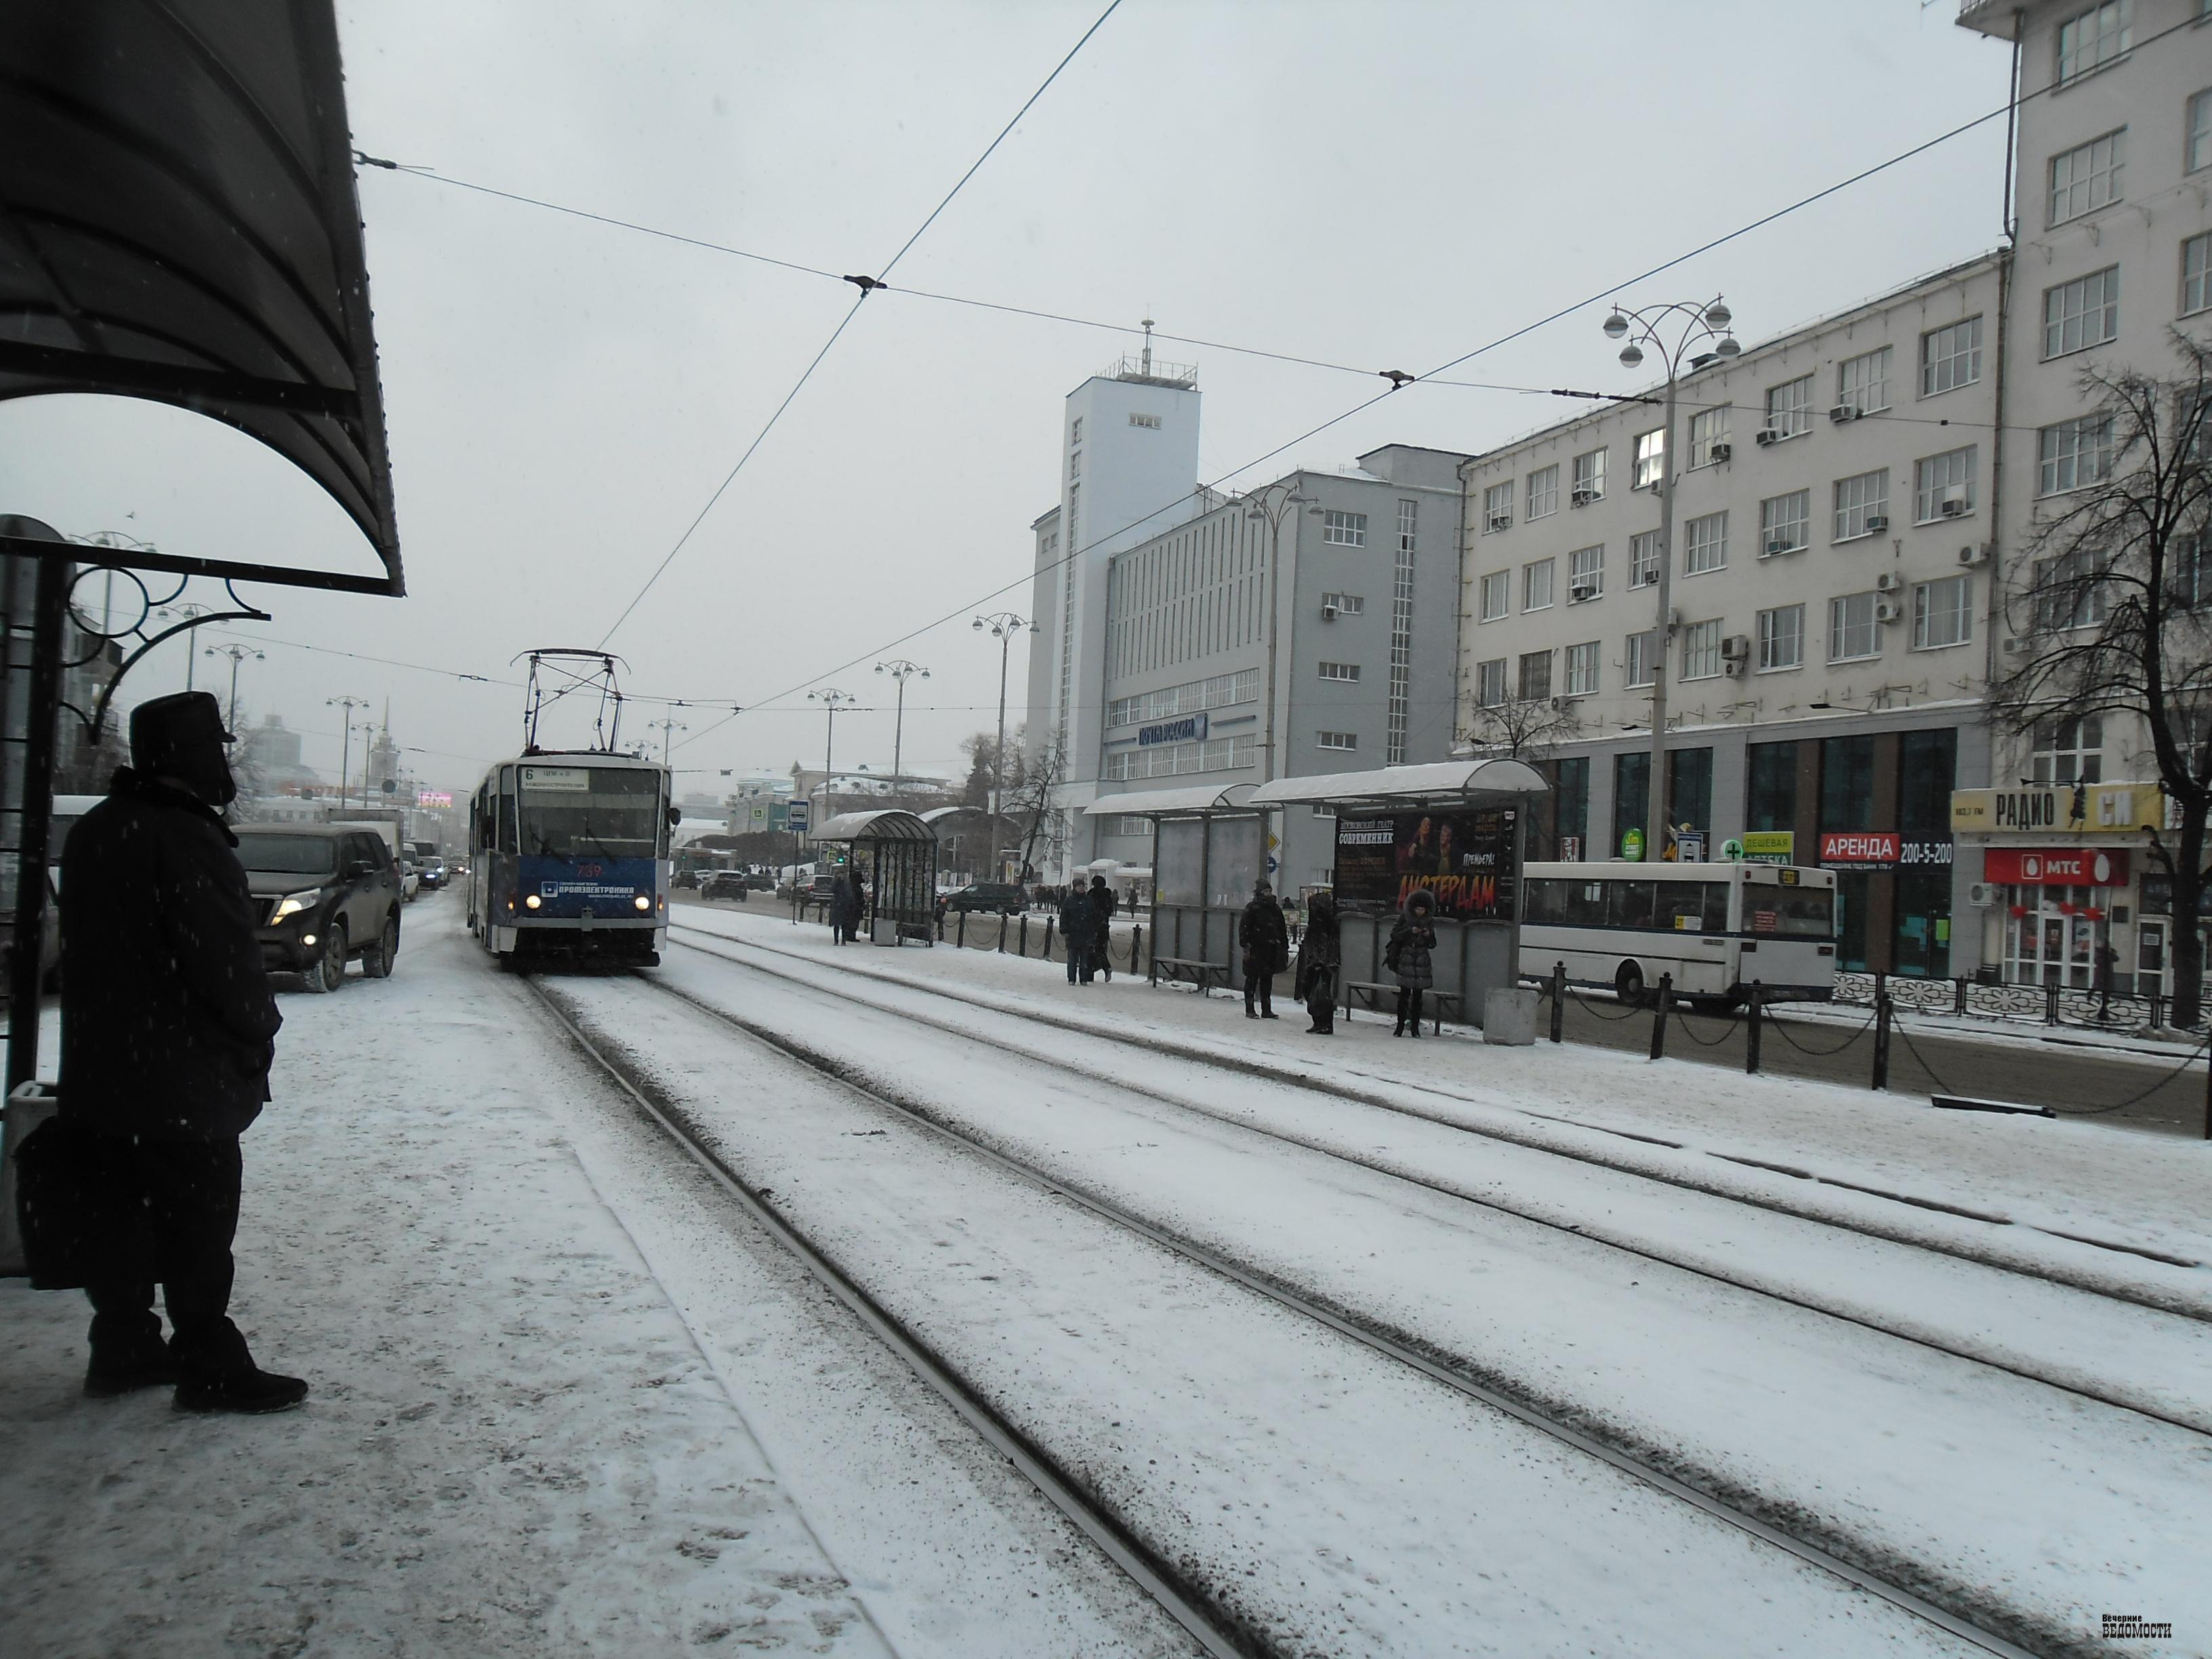 ВЕкатеринбурге 28февраля могут на100% обесточить «Трамвайно-троллейбусное управление»